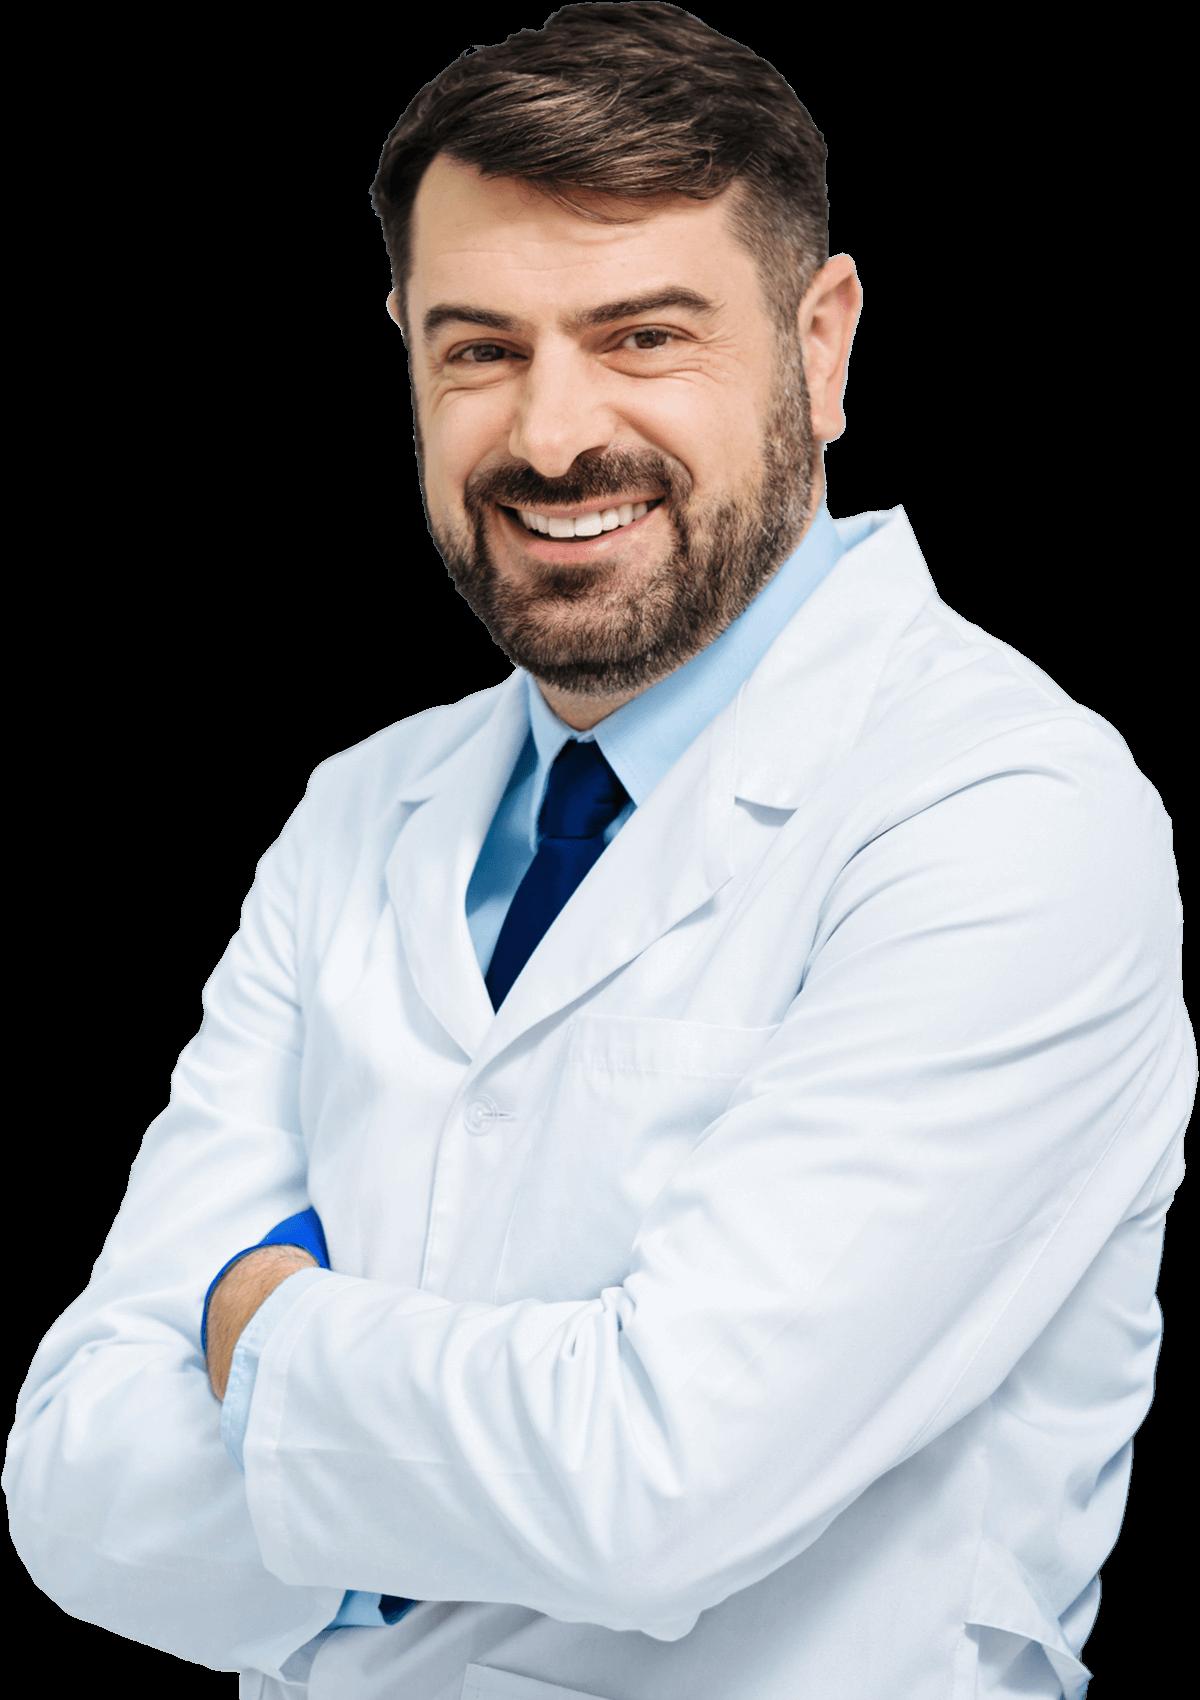 https://promedicasanjose.com/wp-content/uploads/2020/02/doctor-2.png